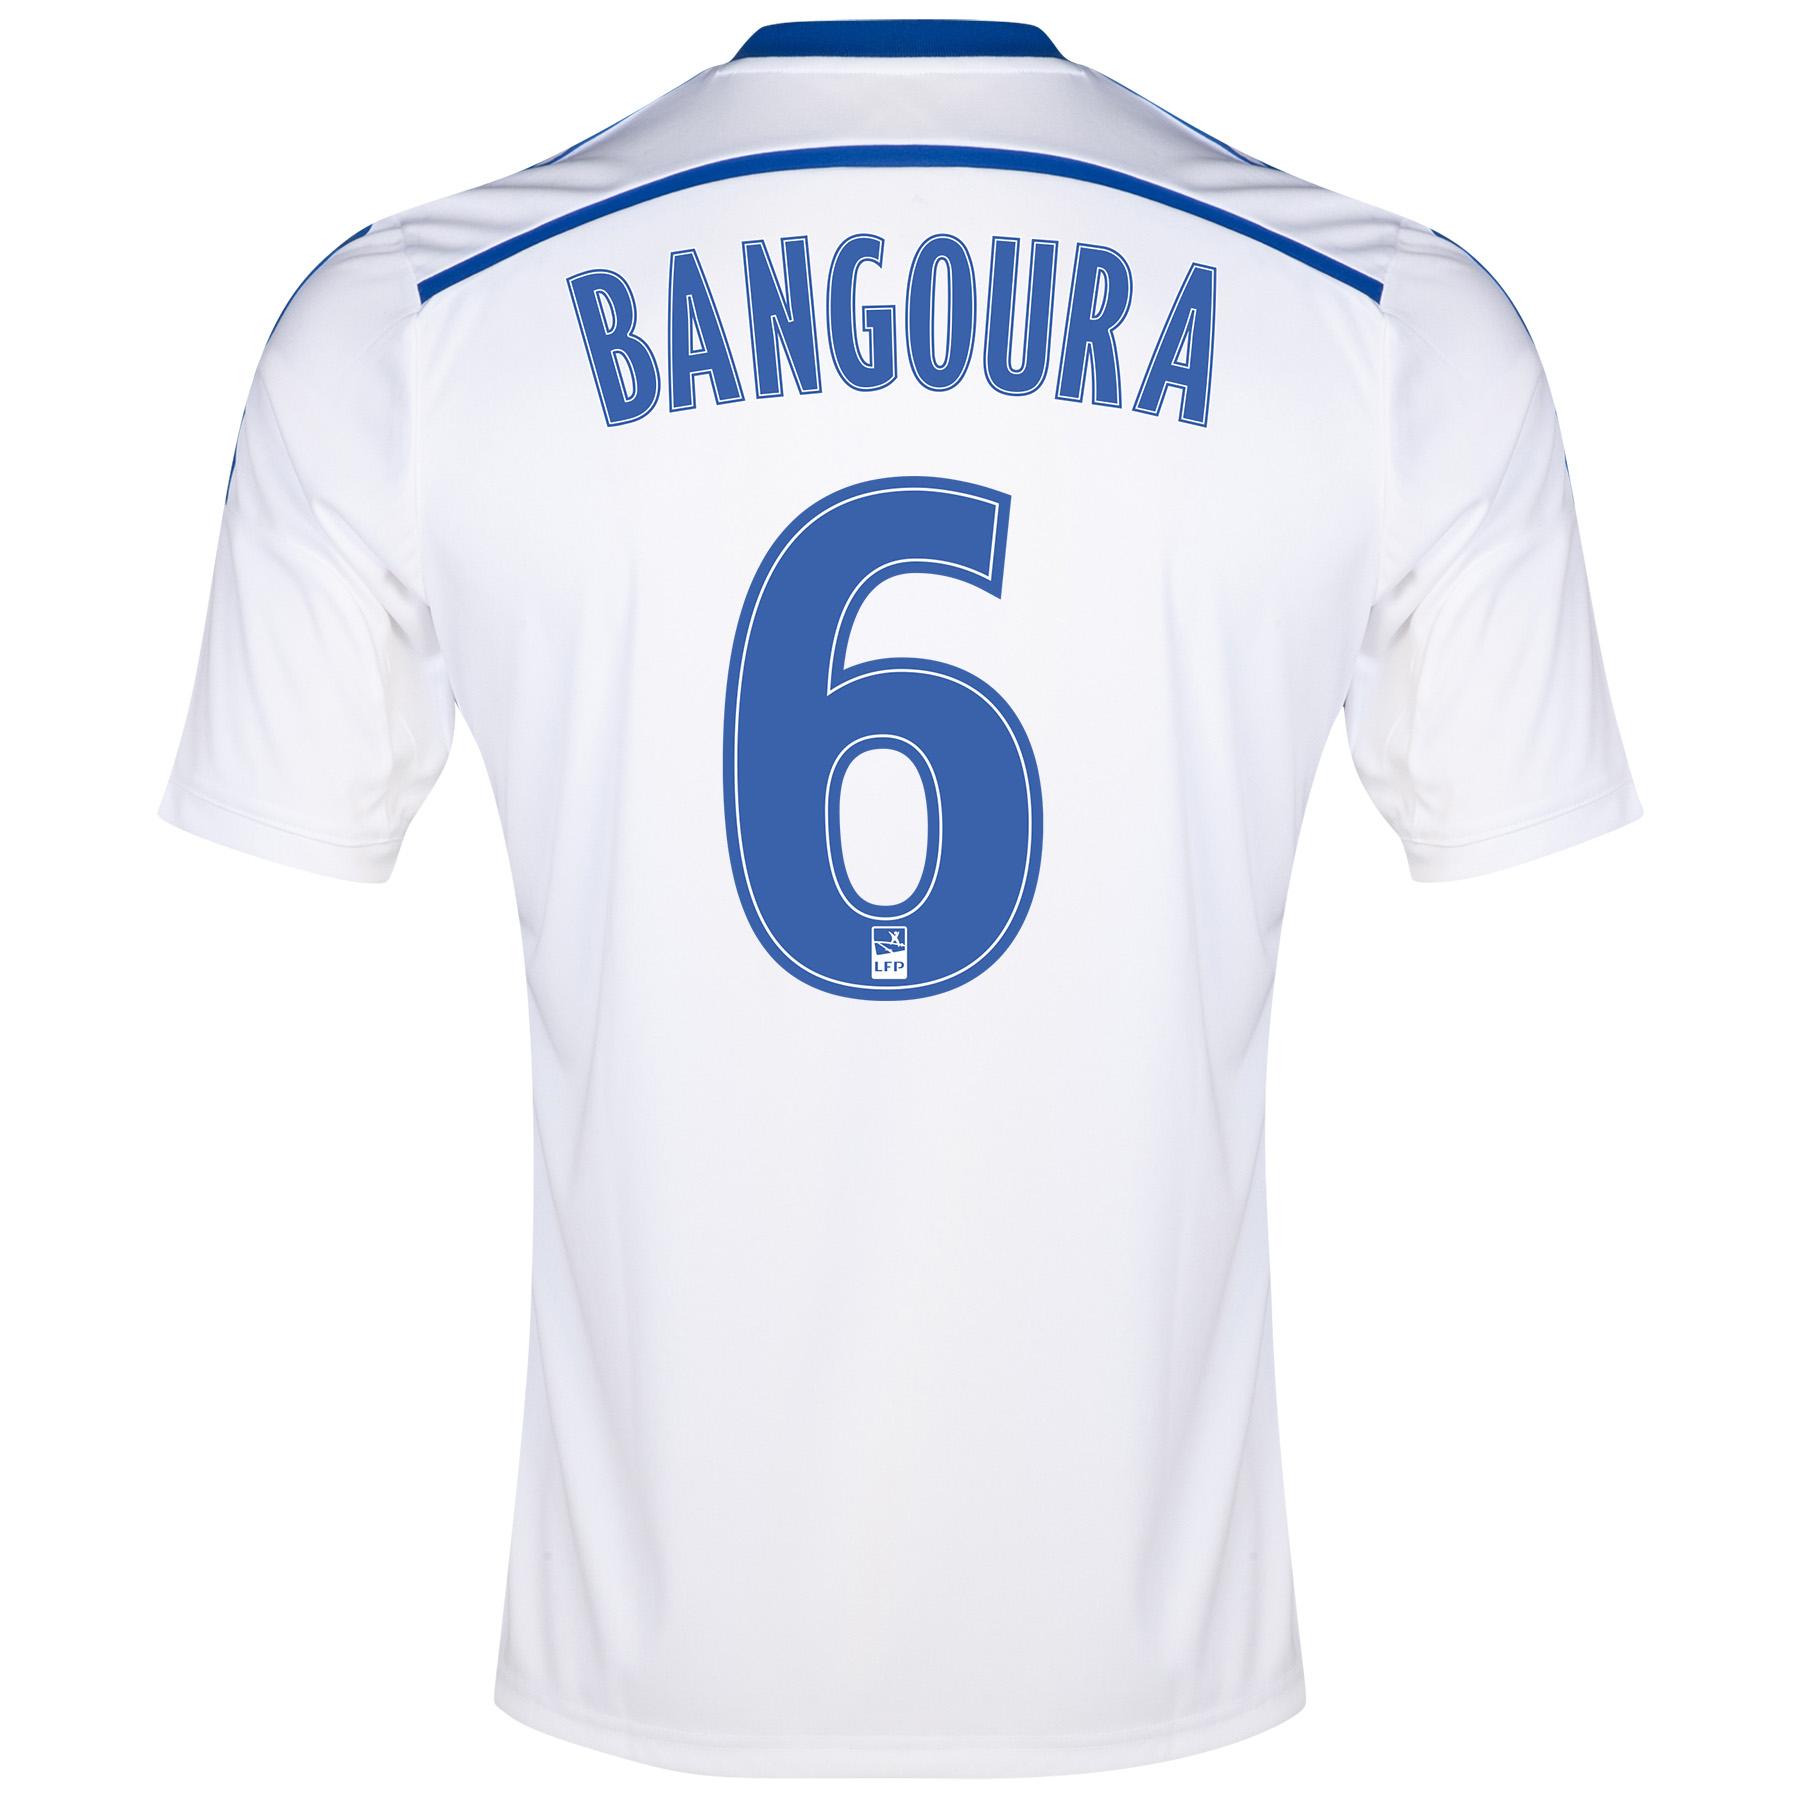 Olympique de Marseille Home Shirt Short Sleeve - Junior 2014/15 White with Bangoura 6 printing